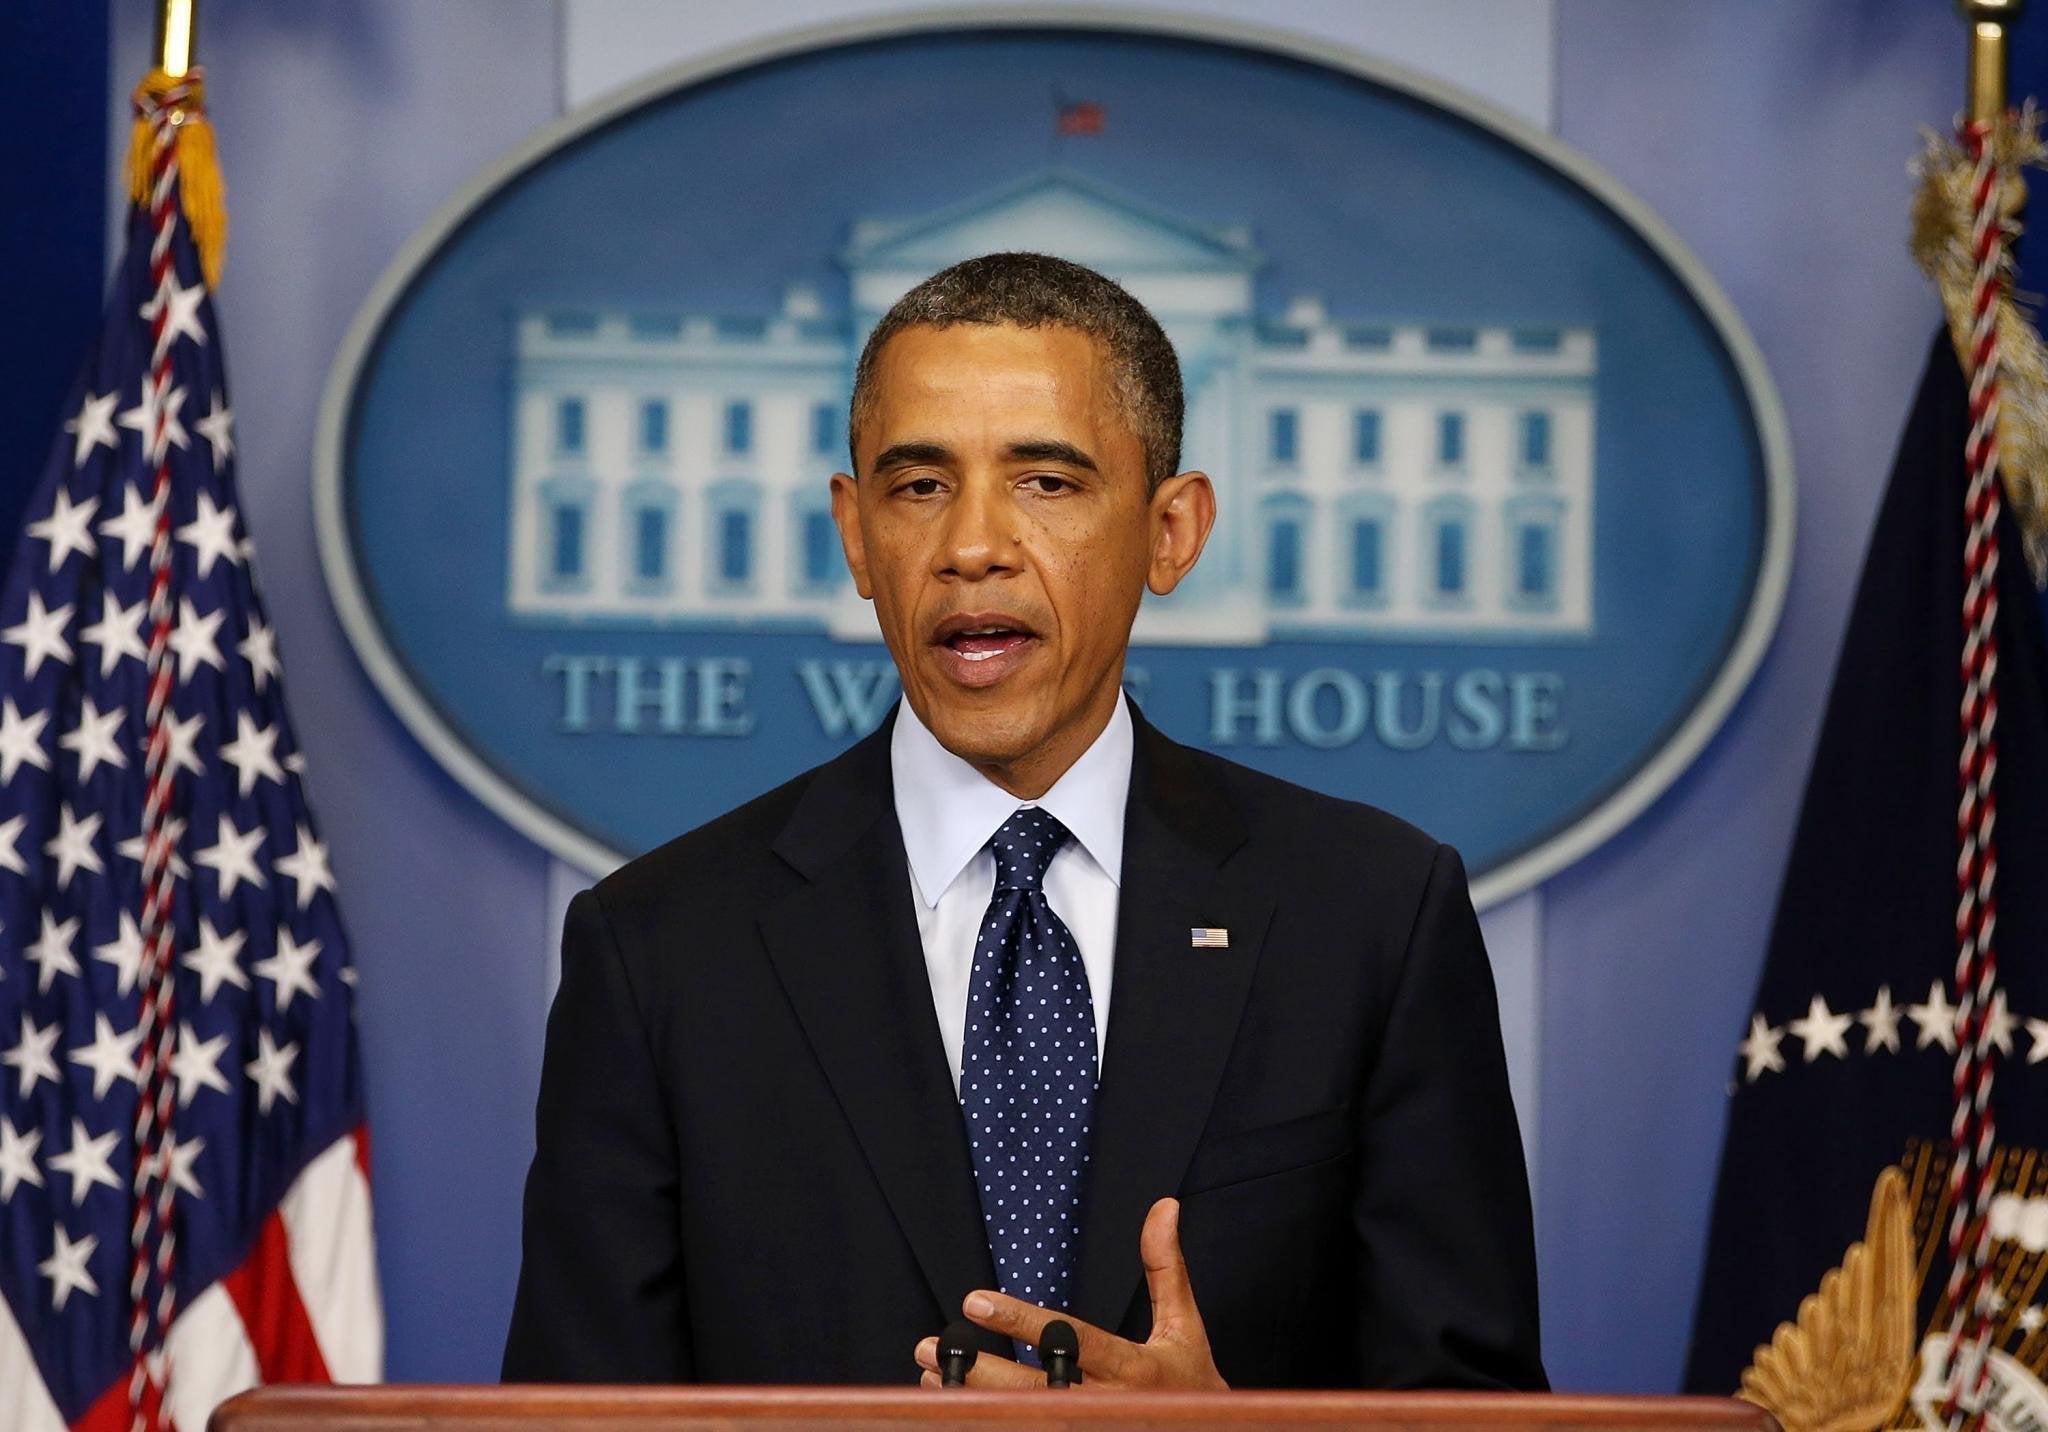 President Obama Responds to Boston Marathon Bombs